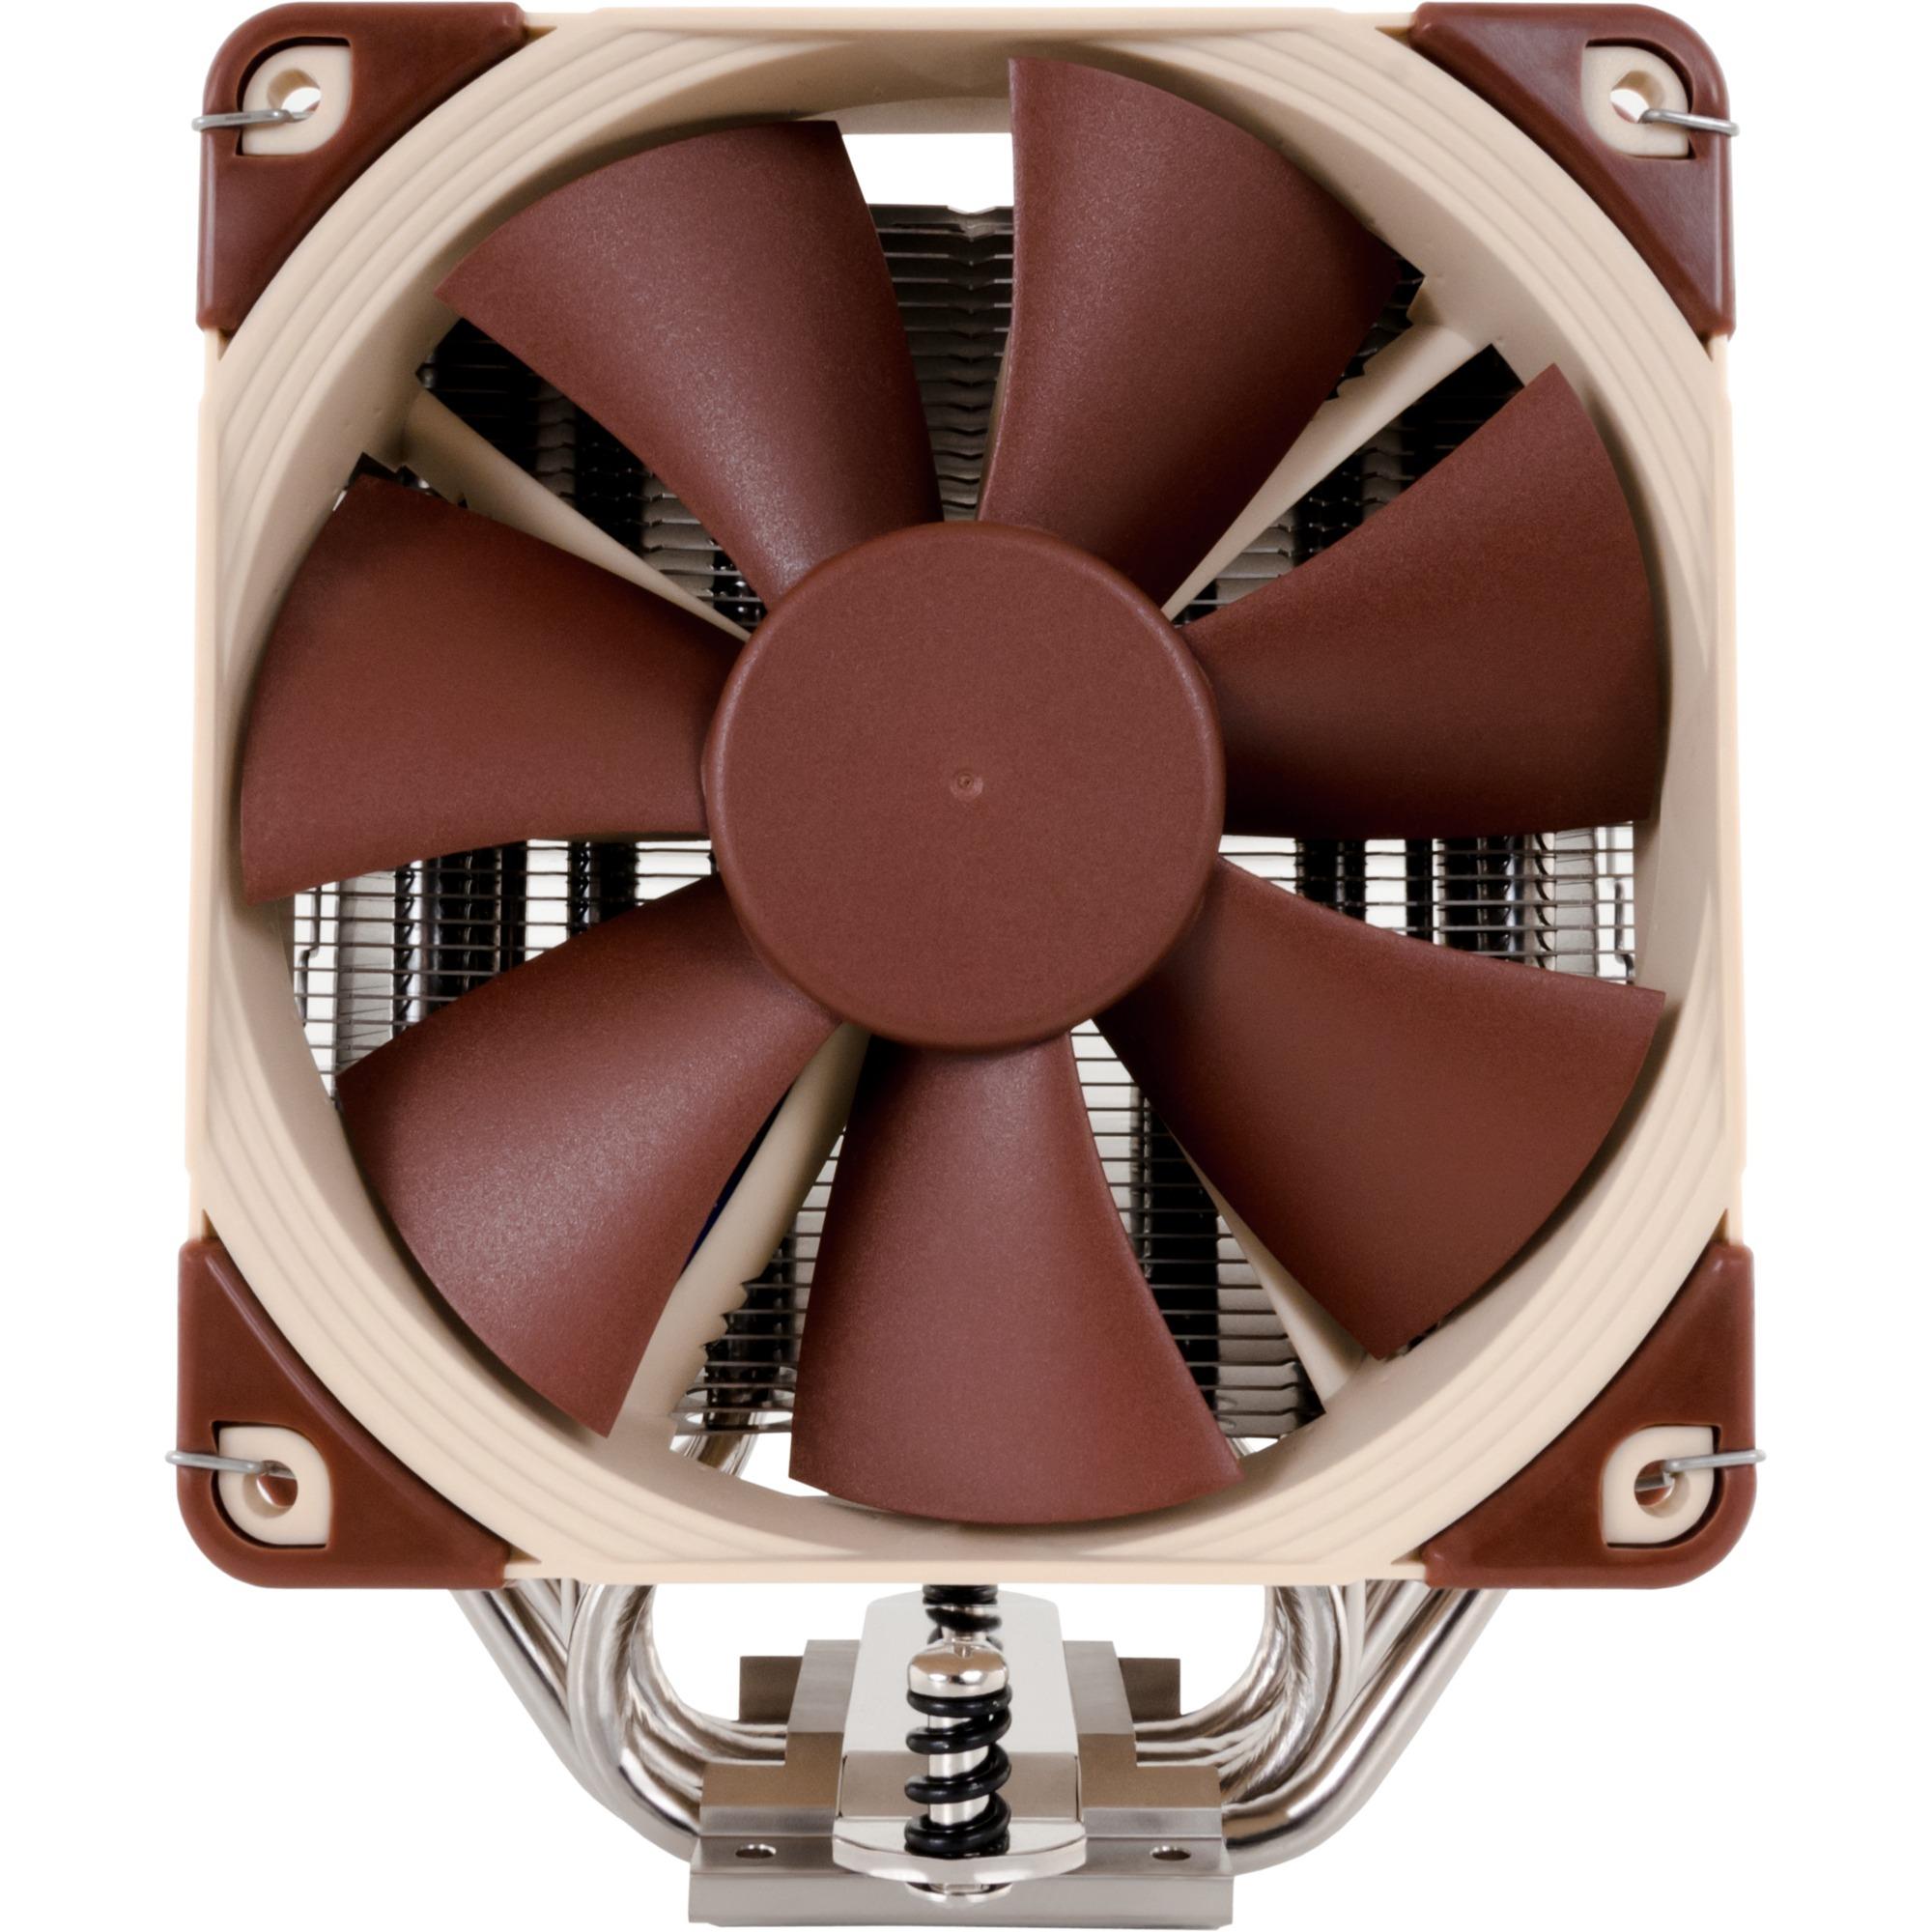 NH-U12S SE-AM4 Processeur Refroidisseur ventilateur, refroidisseur et radiateur, Ventirad